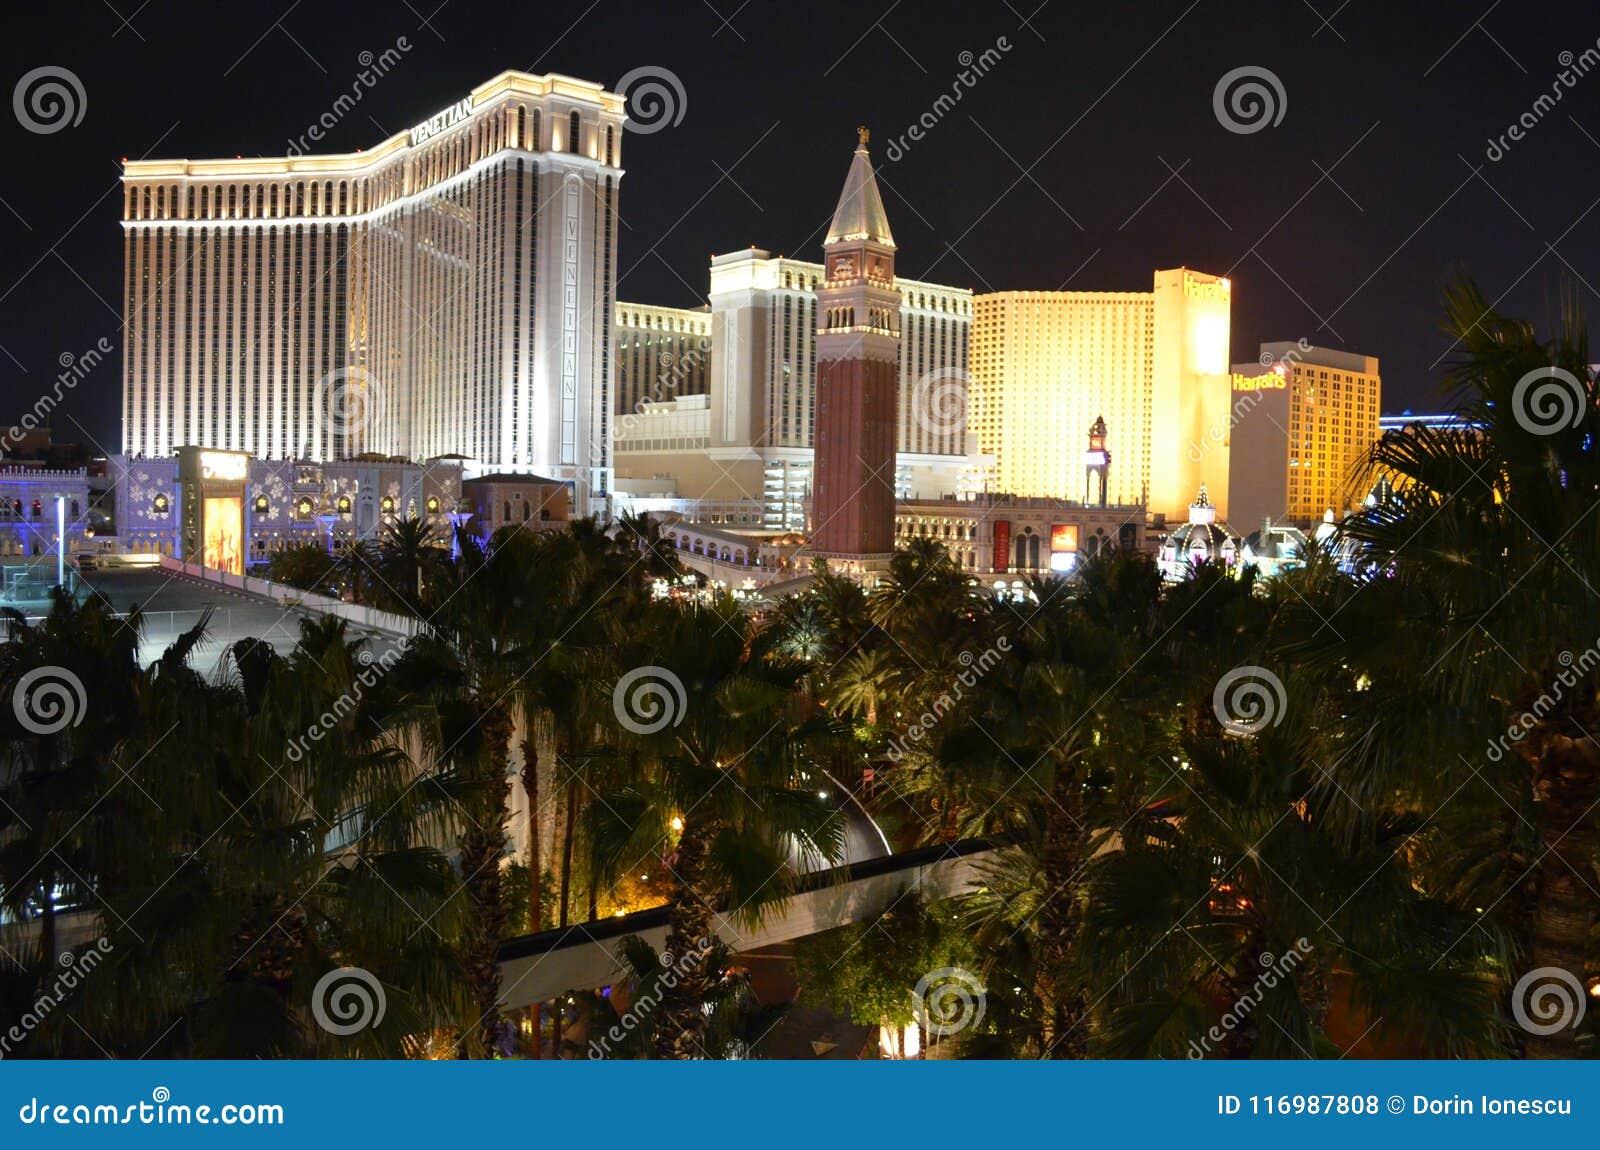 La zona veneciana, metropolitana, noche, metrópoli, señal